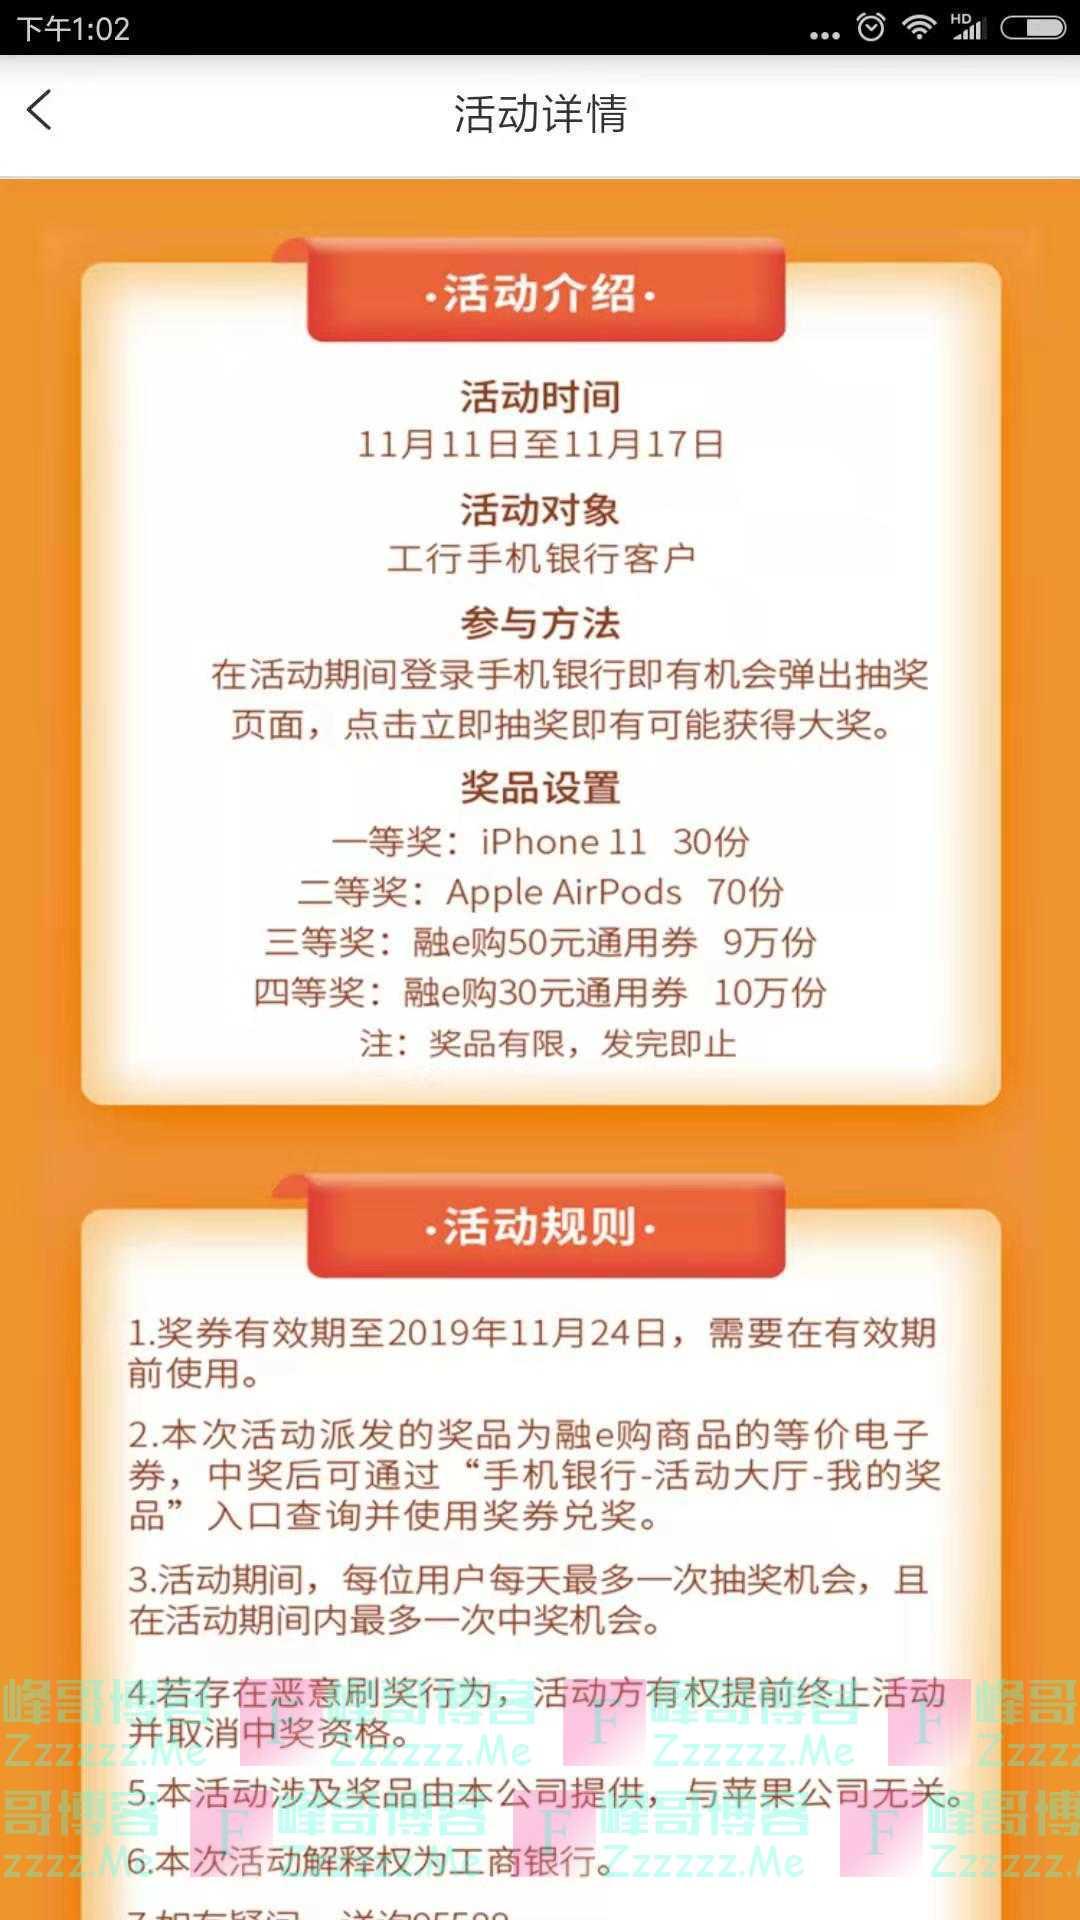 中国工商银行粉丝福利月 登录有礼第二期(截止11月17日)